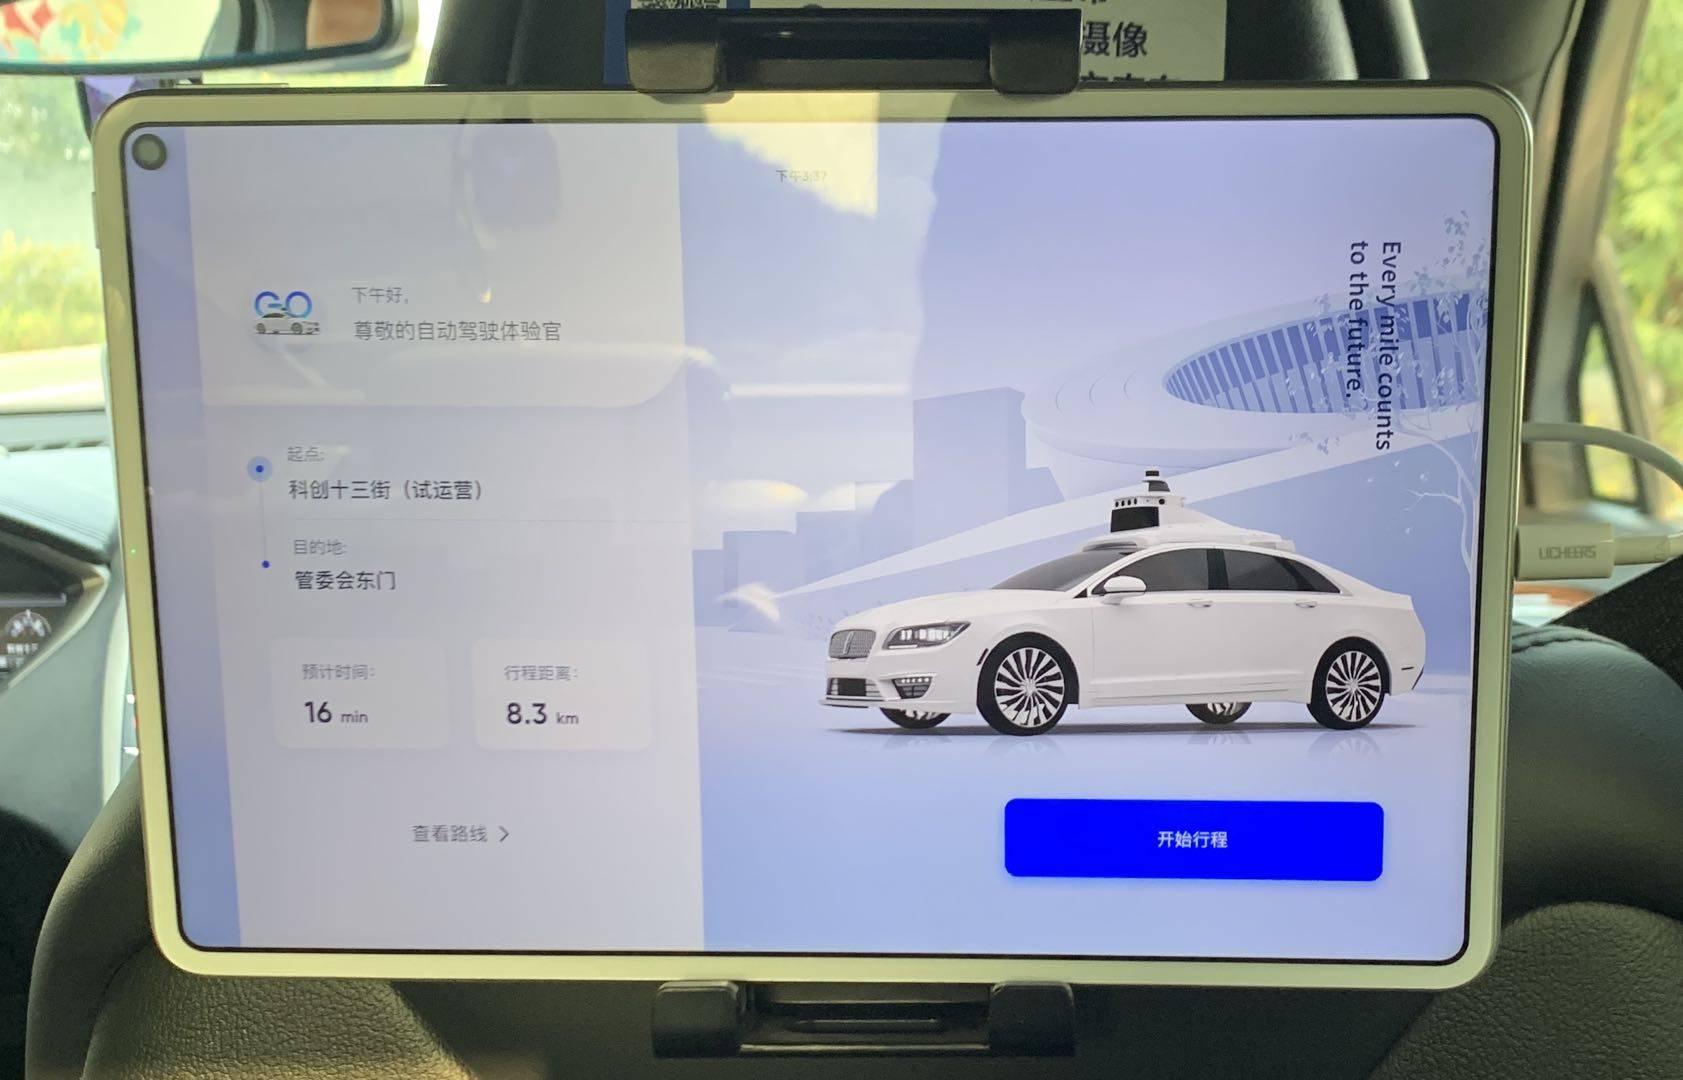 百度无人驾驶出租车确认行程信息画面